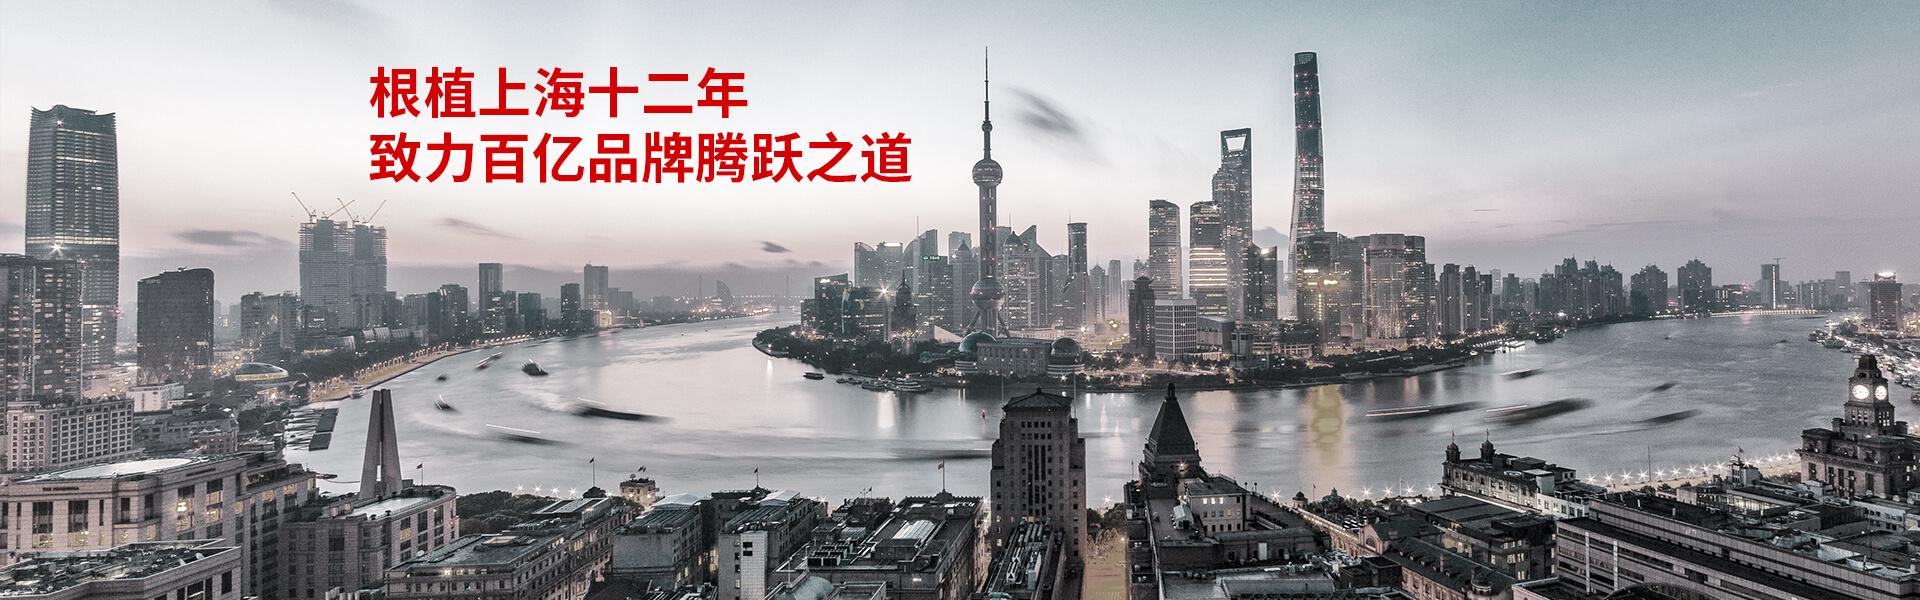 致力共通 十二年根植上海